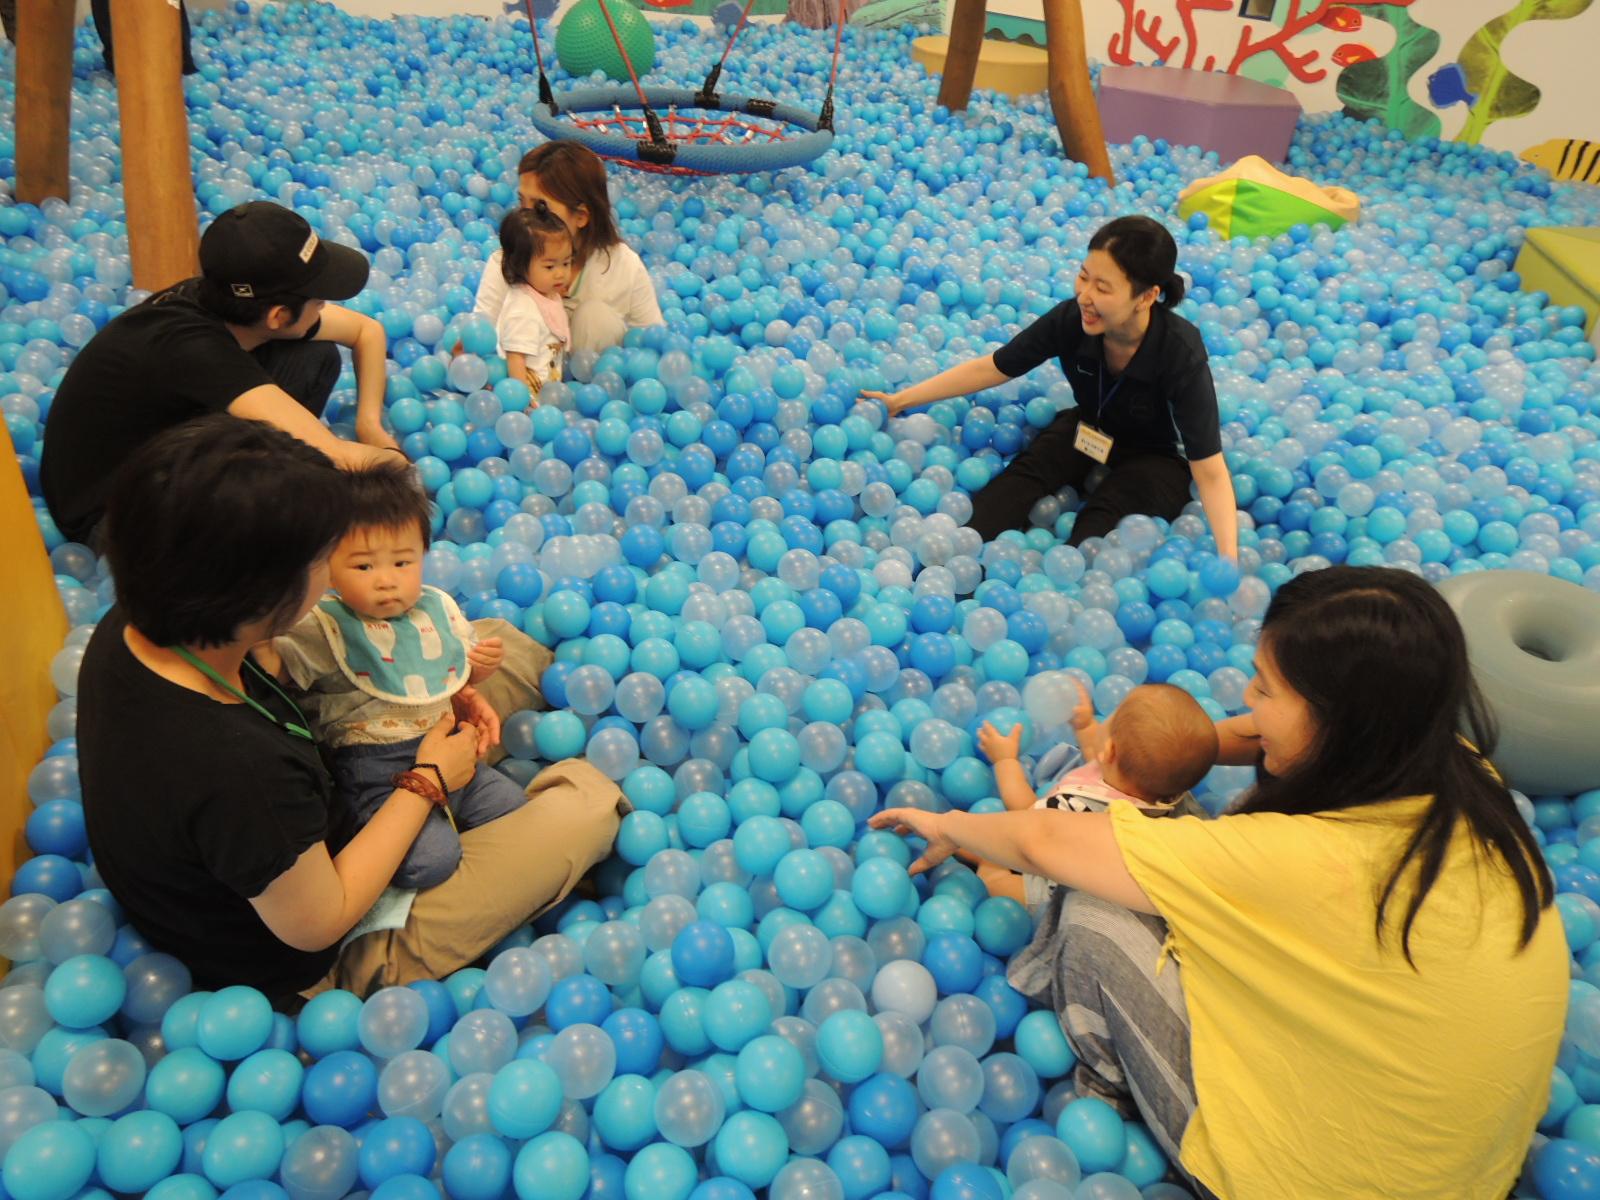 5月24日(木)の赤ちゃんの日イベントのご報告「キドキドツアー」